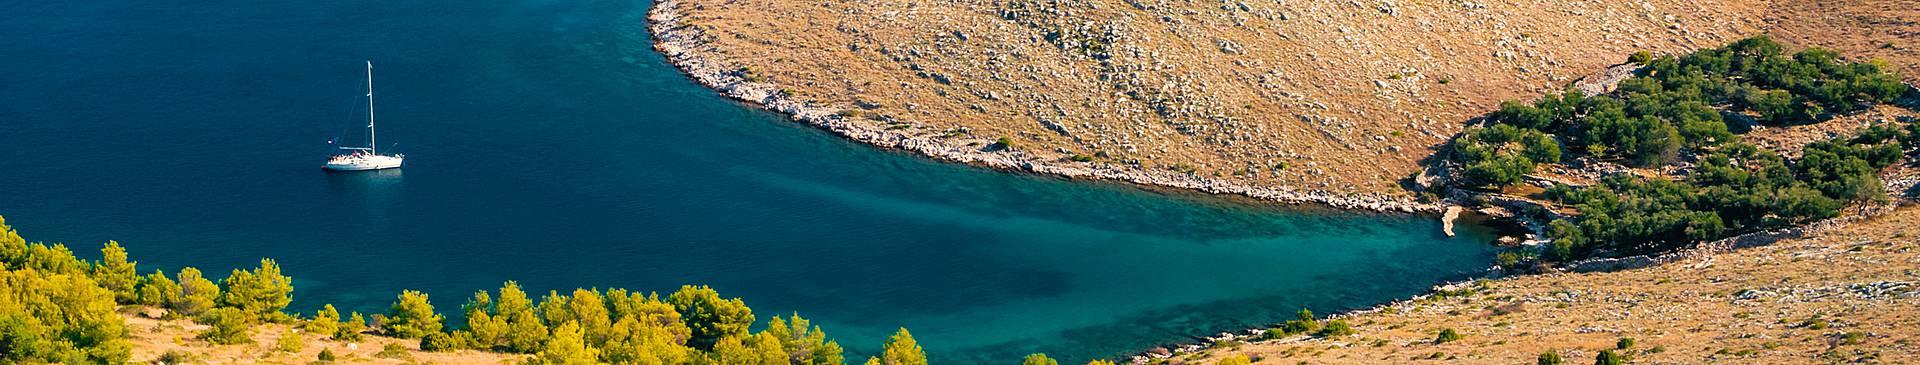 Voyage nature en Croatie